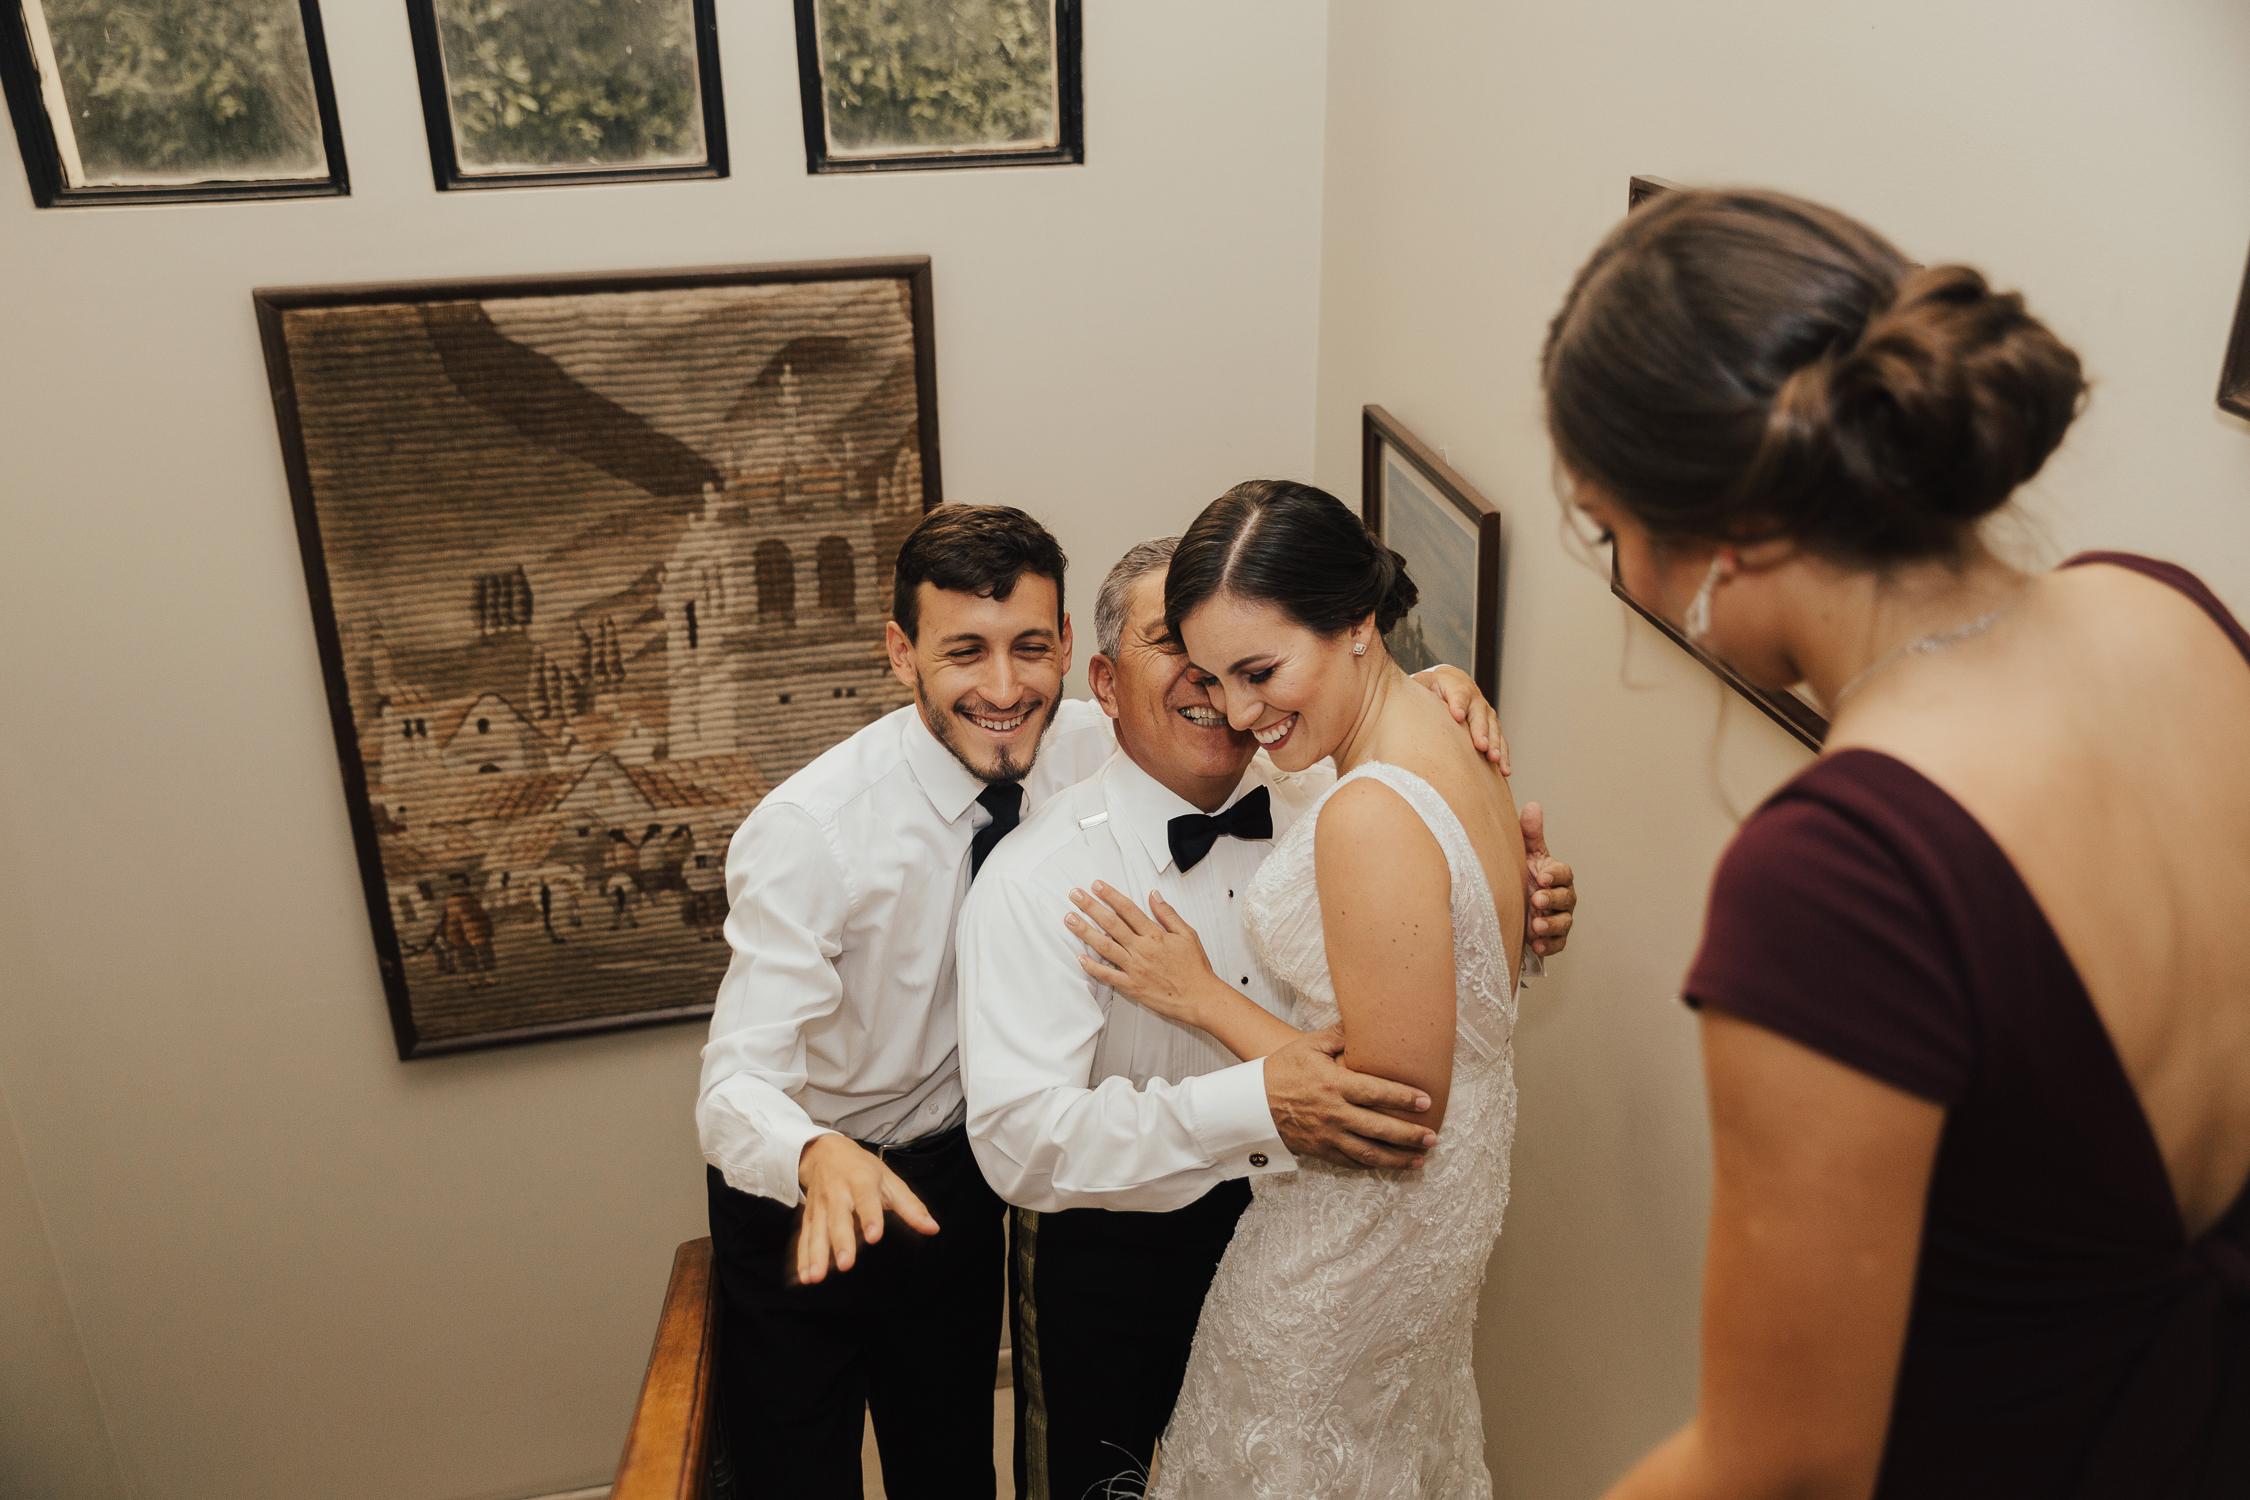 Michelle-Agurto-Fotografia-Bodas-Ecuador-Destination-Wedding-Photographer-Ecuador-Mercedes-Alvaro-21.JPG